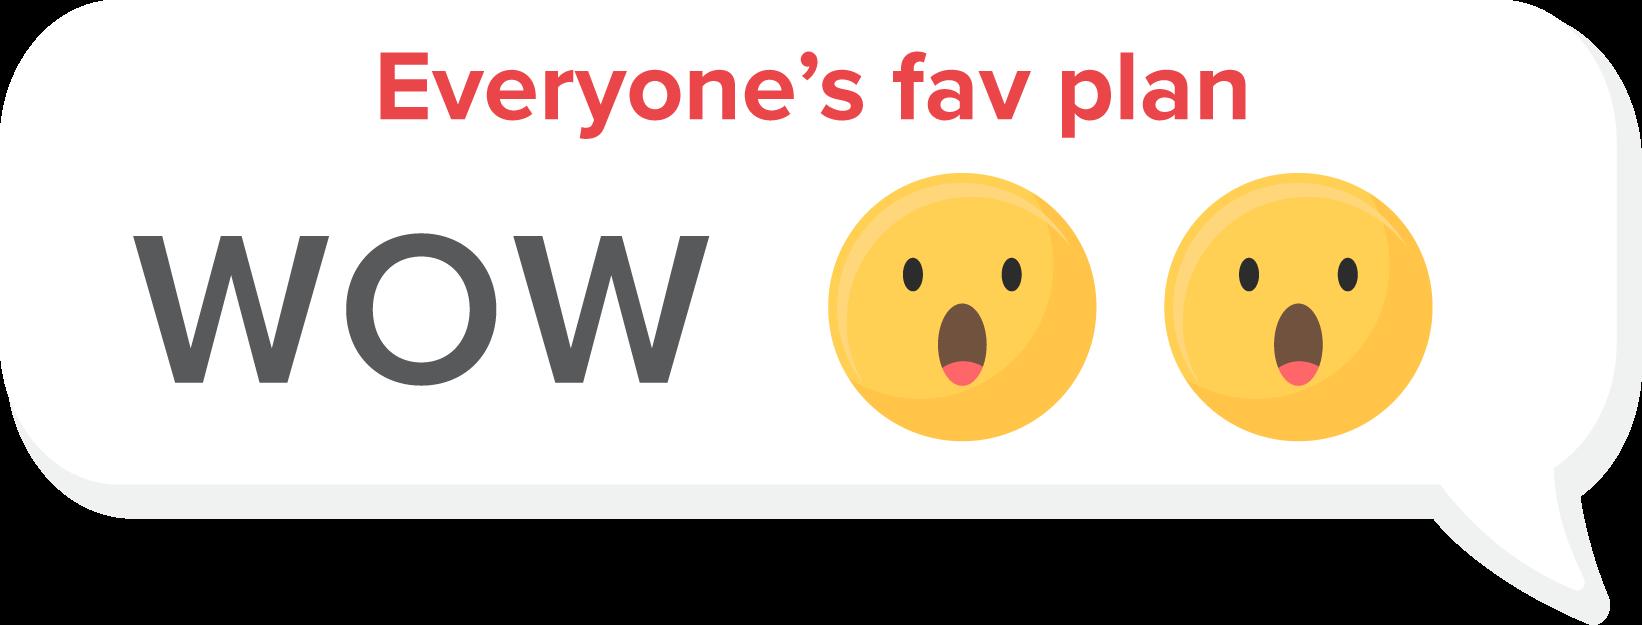 wow emoji_fav